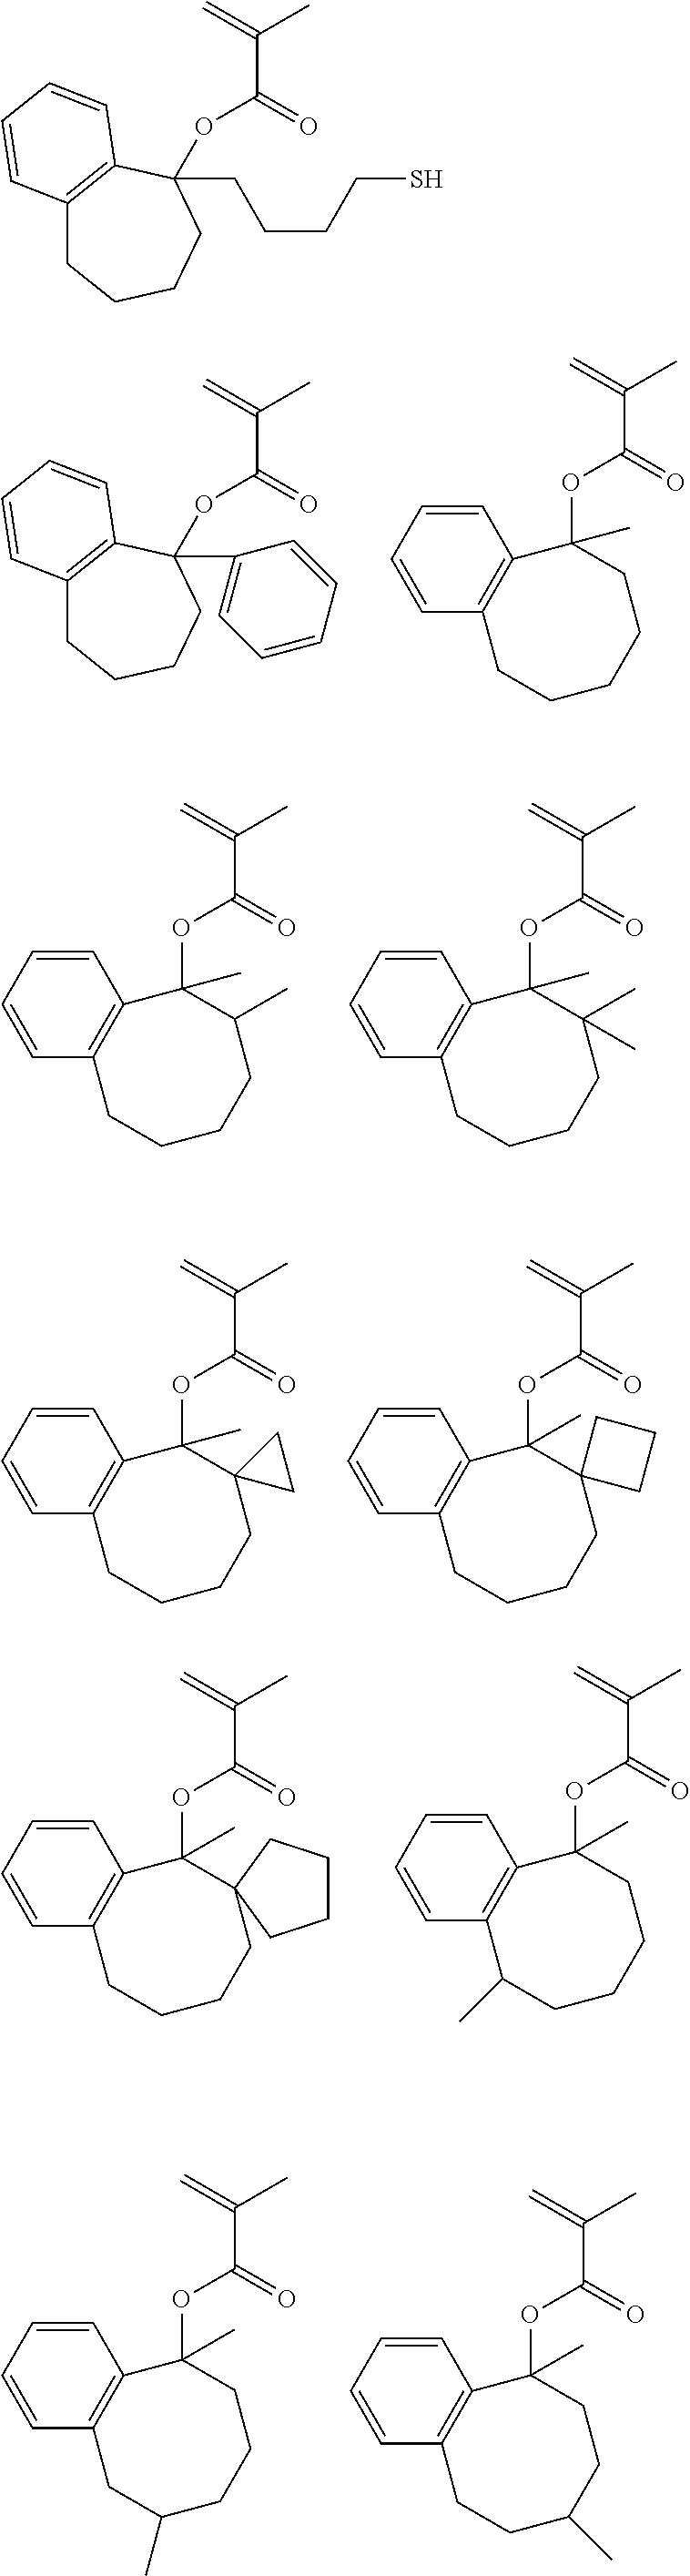 Figure US09040223-20150526-C00101